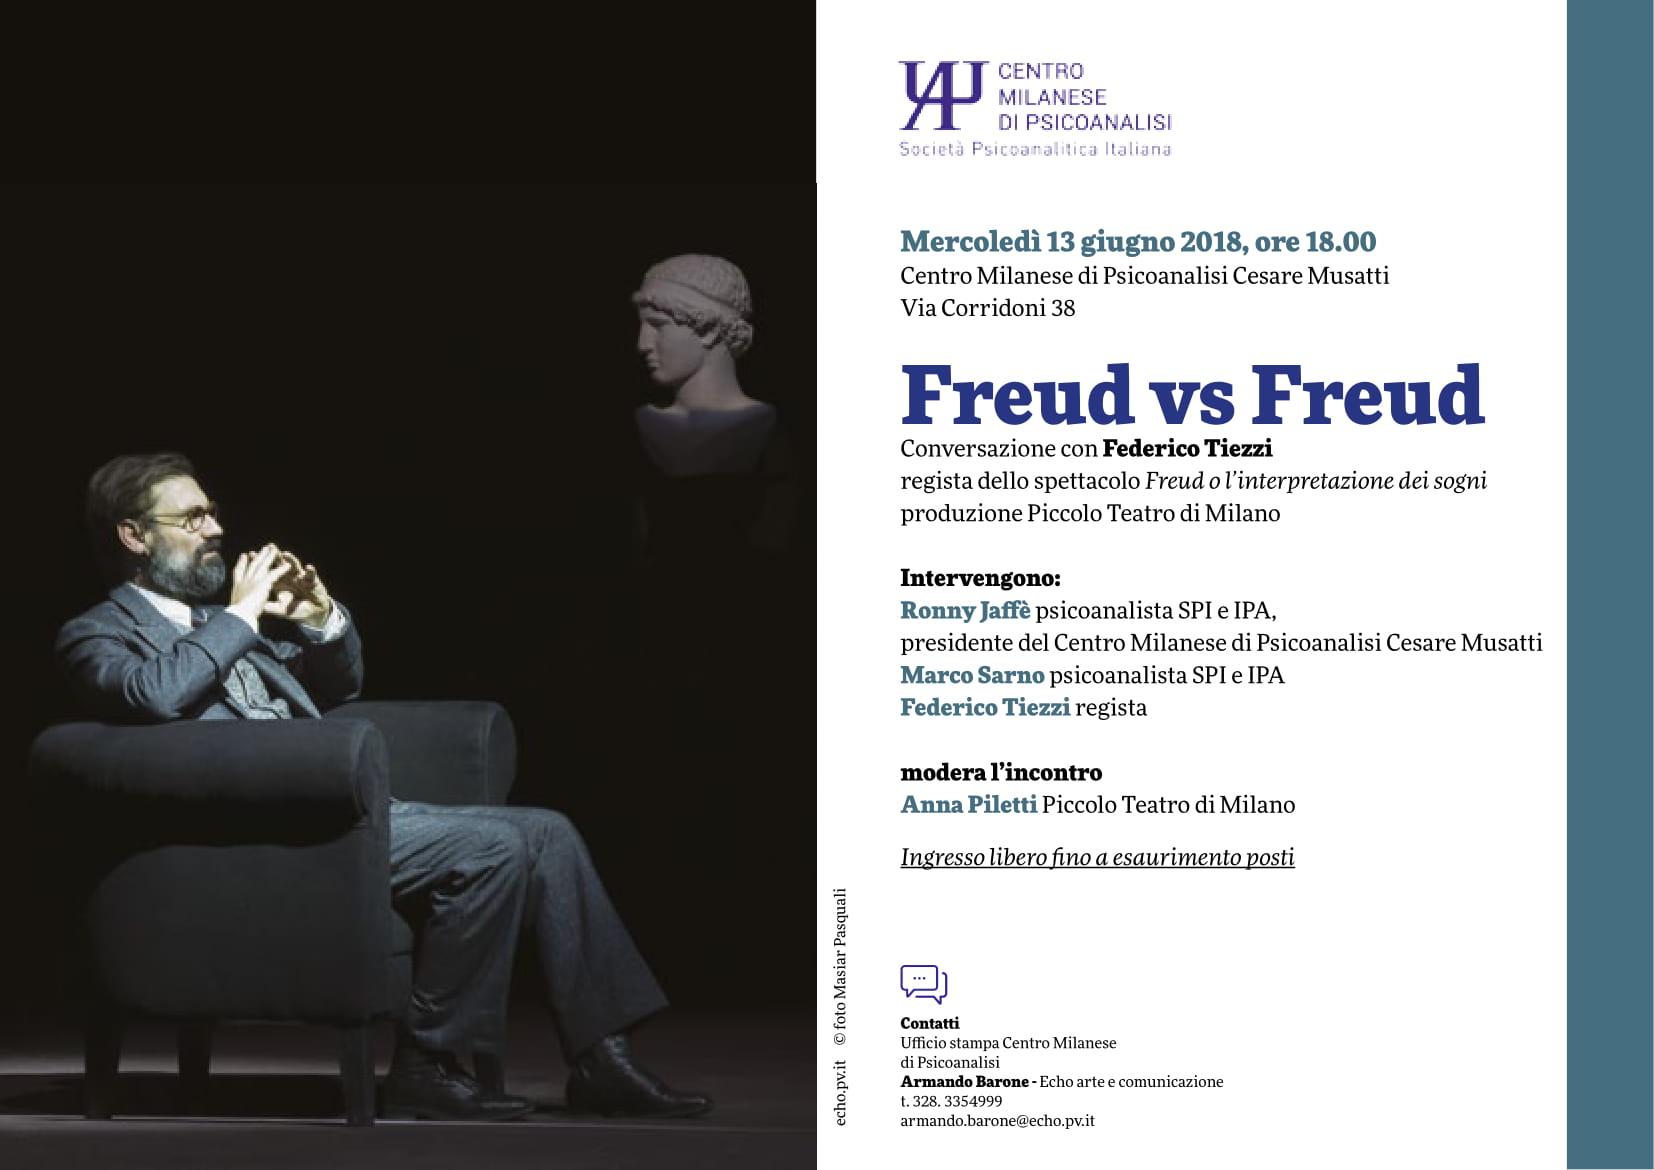 Freud vs Freud